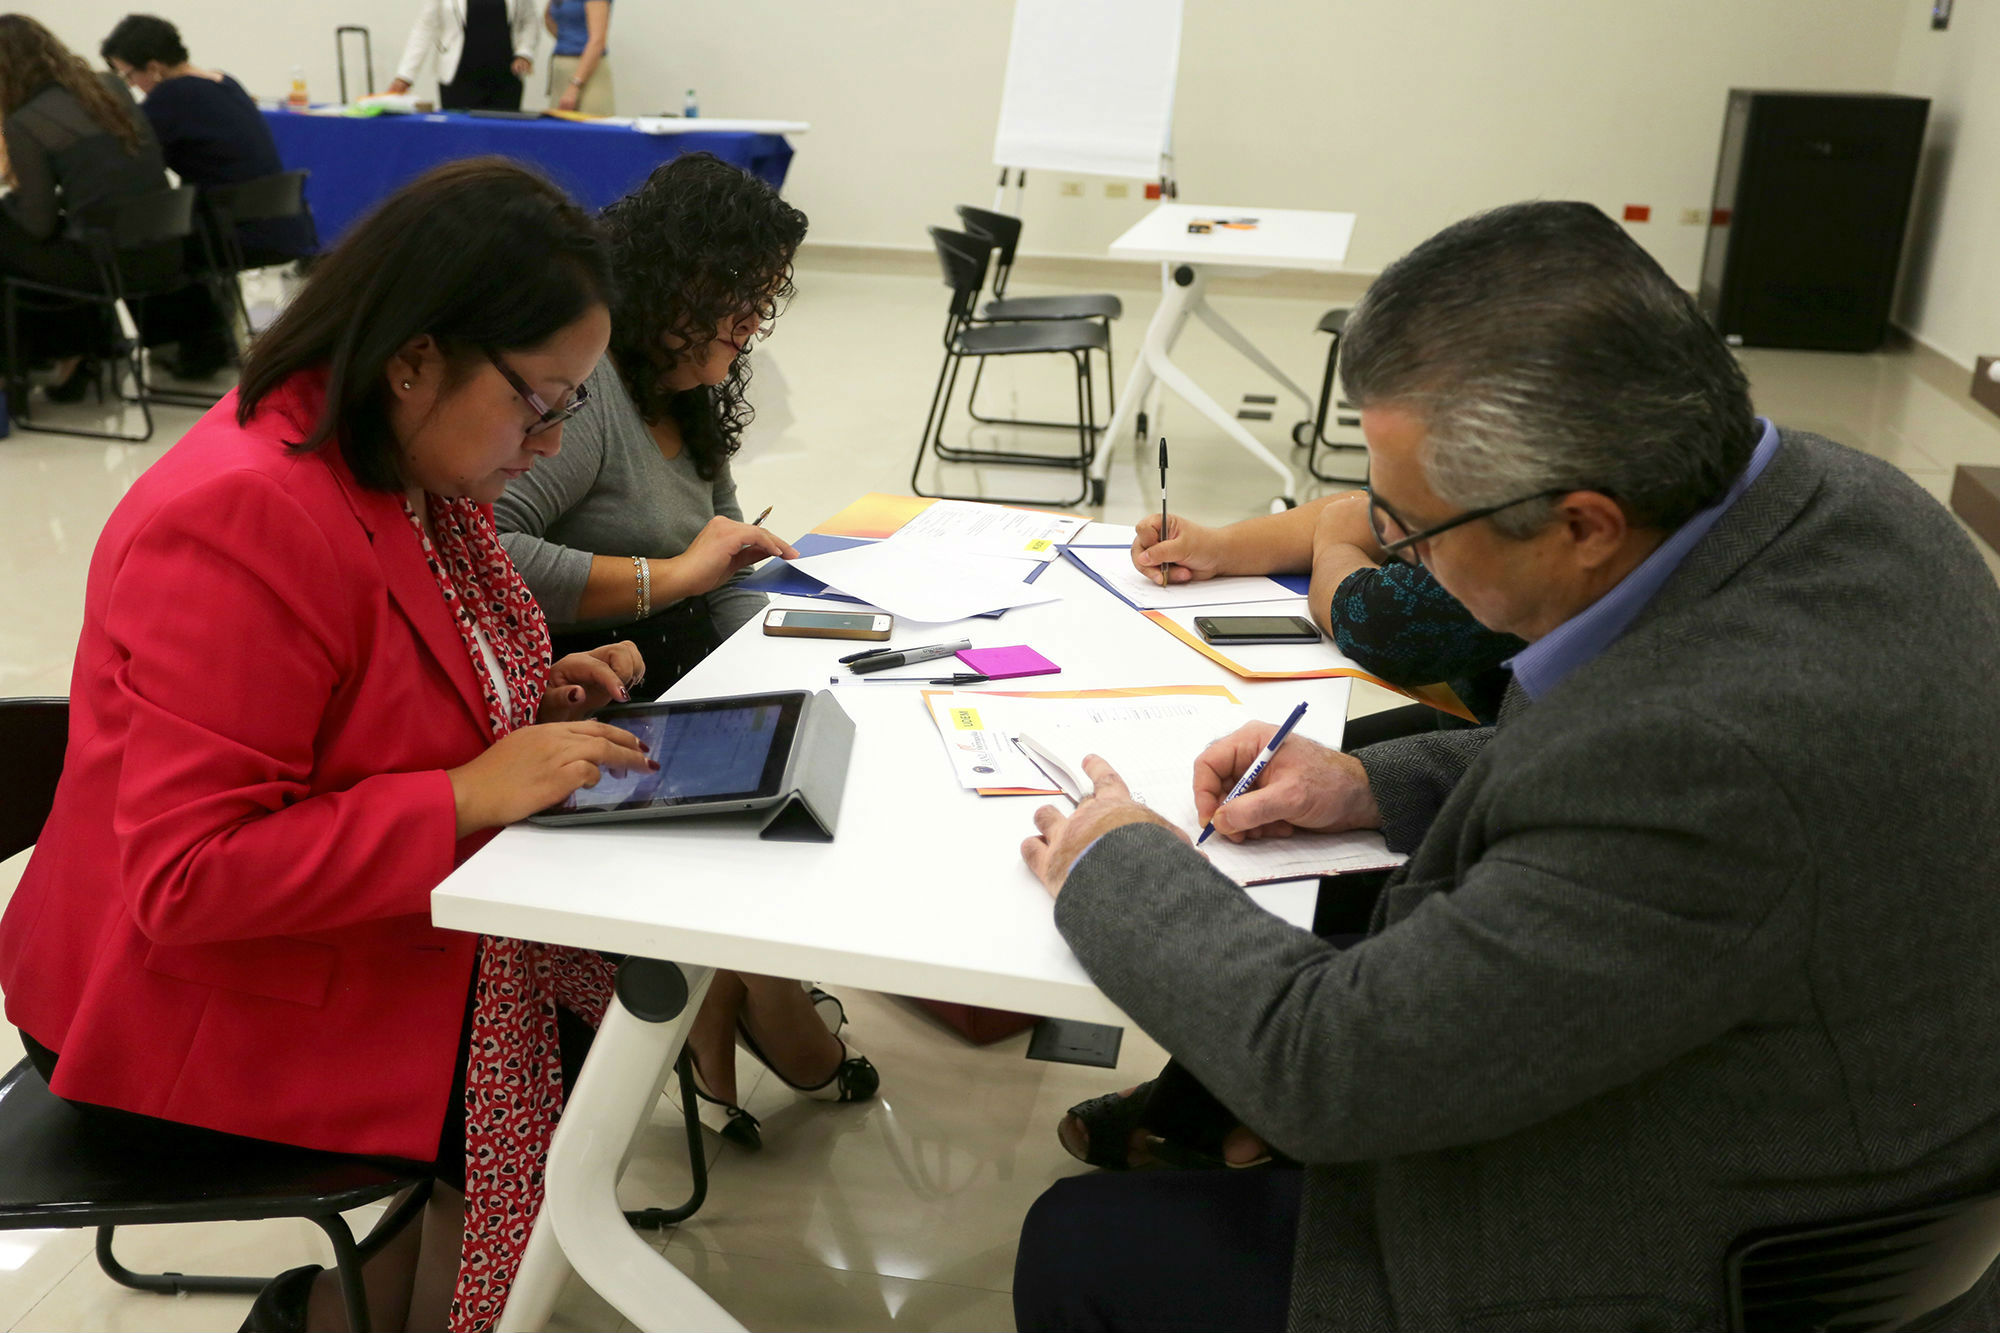 Al taller asistieron trabajadores de la UANL, UdeM y Tec de Monterrey